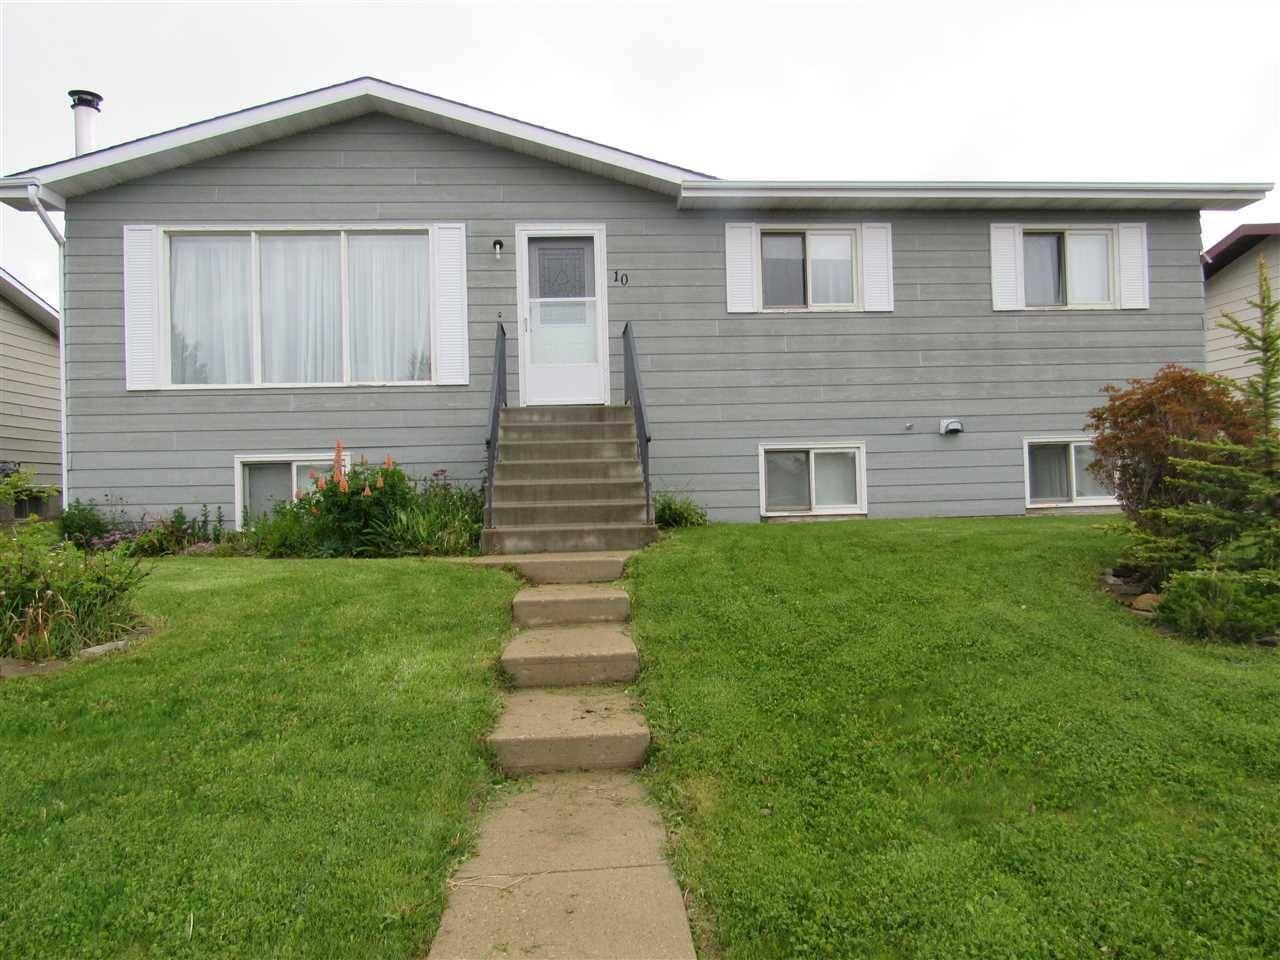 House for sale at 10 Hillside Ave Swan Hills Alberta - MLS: E4026178